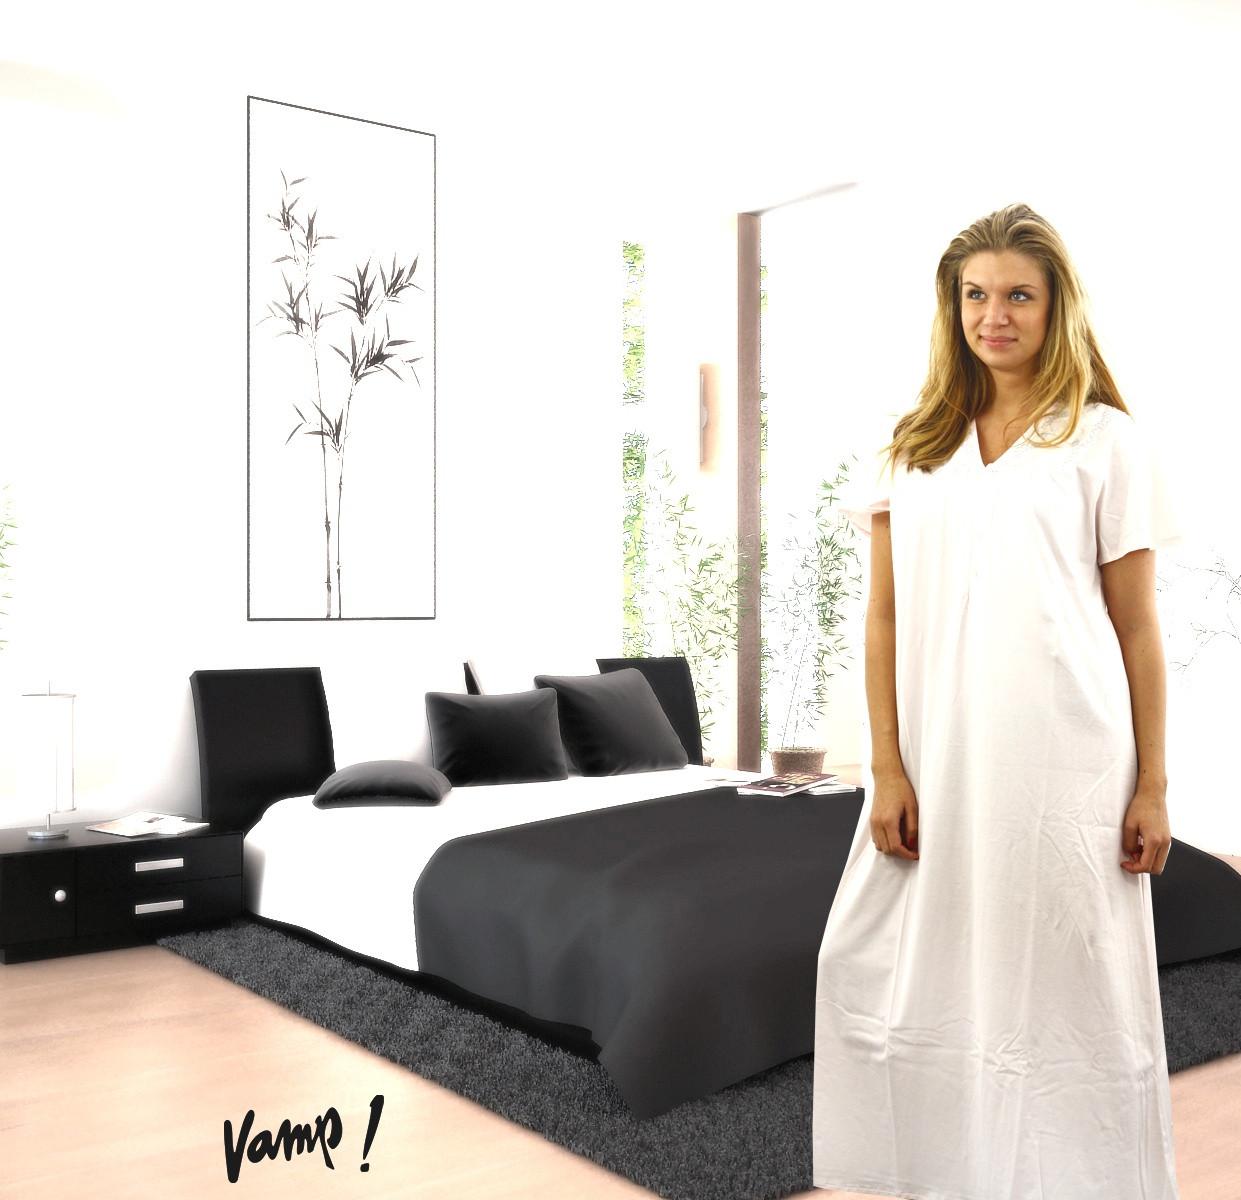 Noční košile 8502-Vamp barva: růžova, velikost: XXL